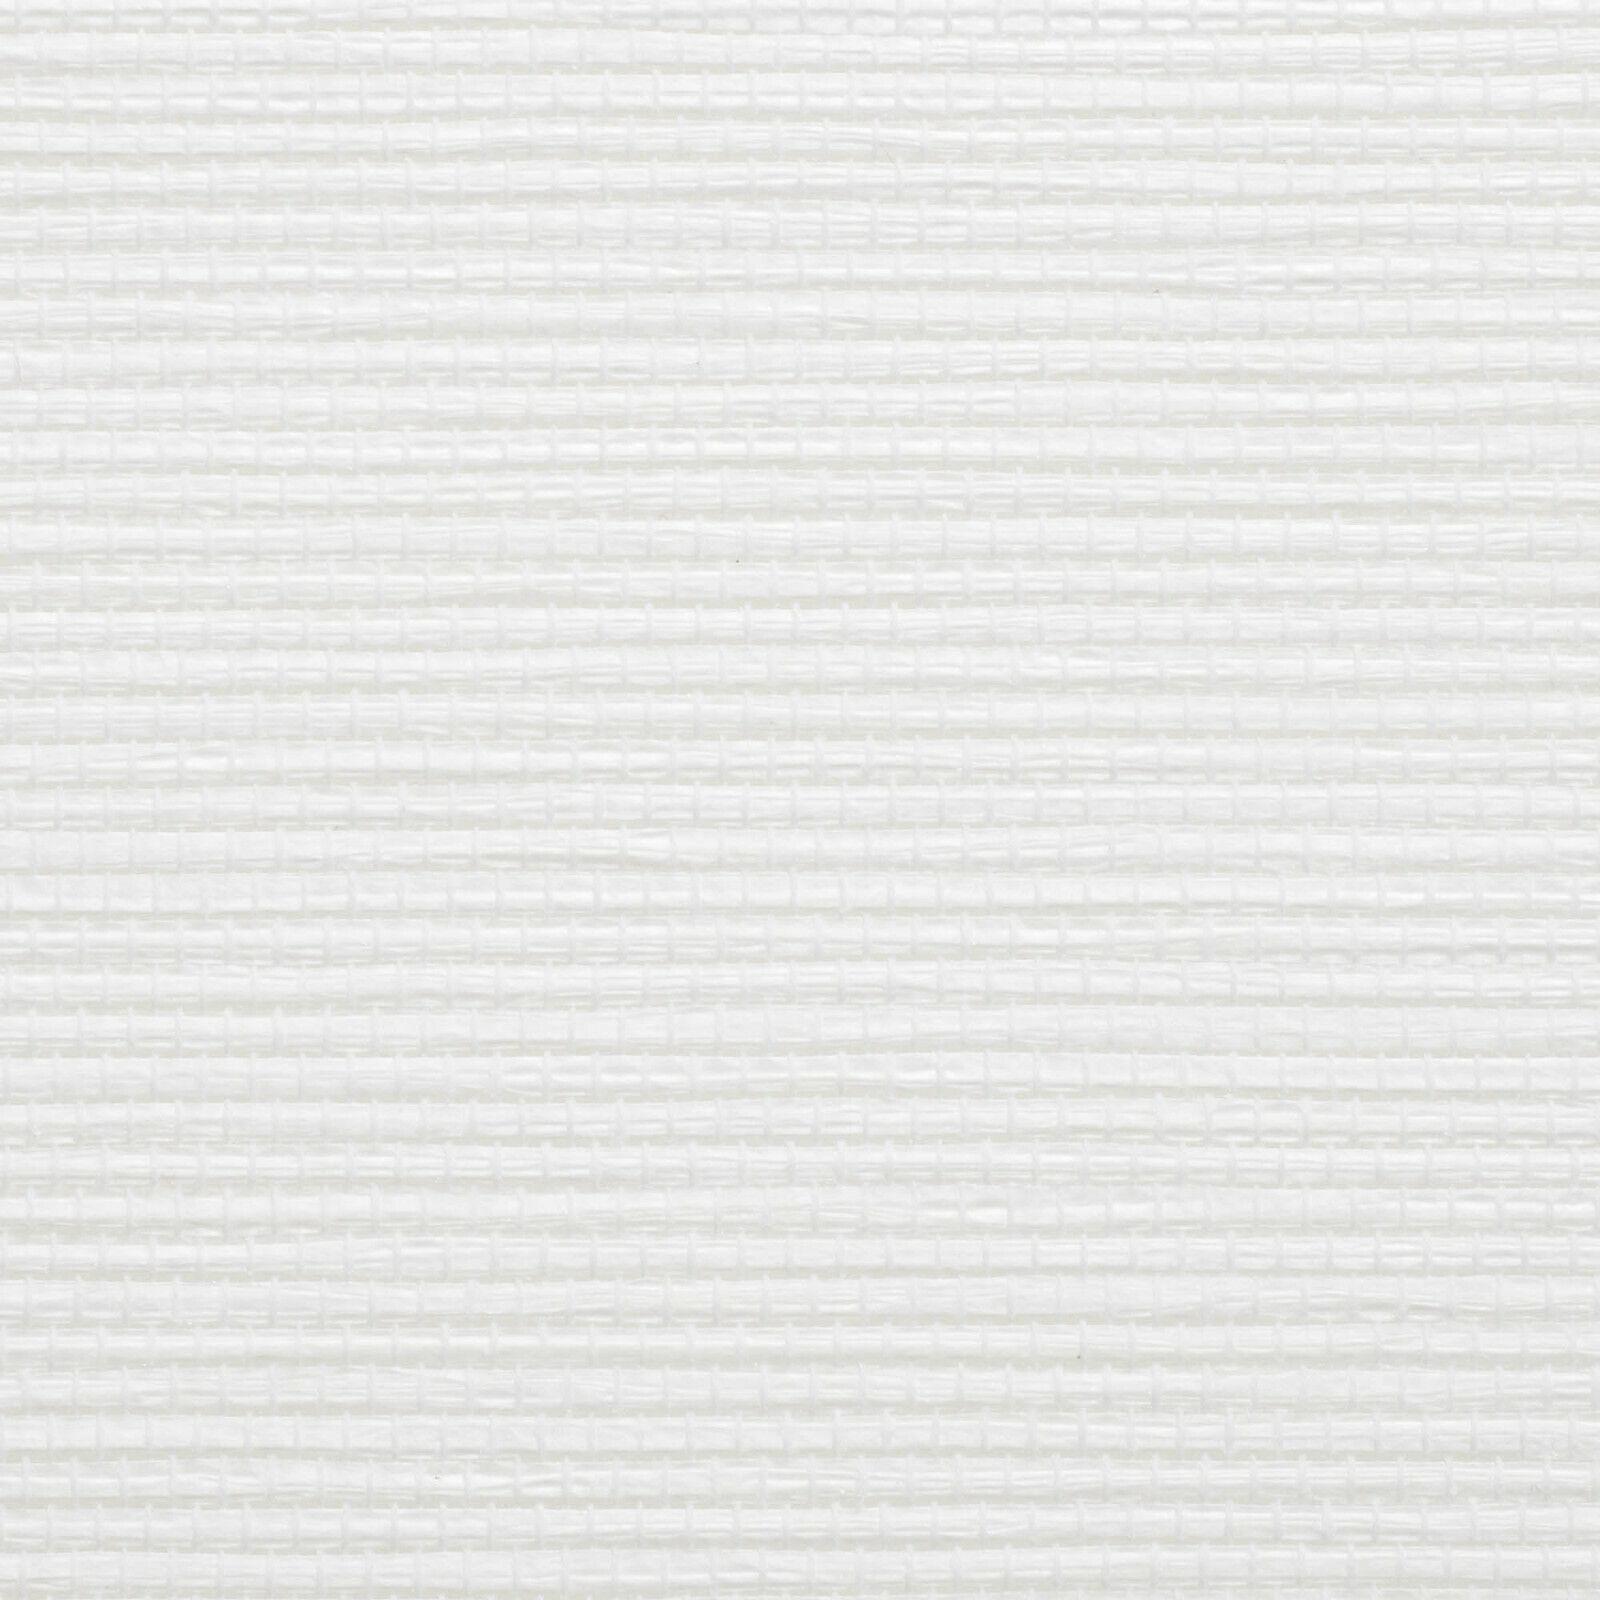 Rollo Seitenzugrollo Kettenzugrollo - Dekor Dekor Dekor Struktur Natur Weiß - Sonnenschutz | Wunderbar  5104e2